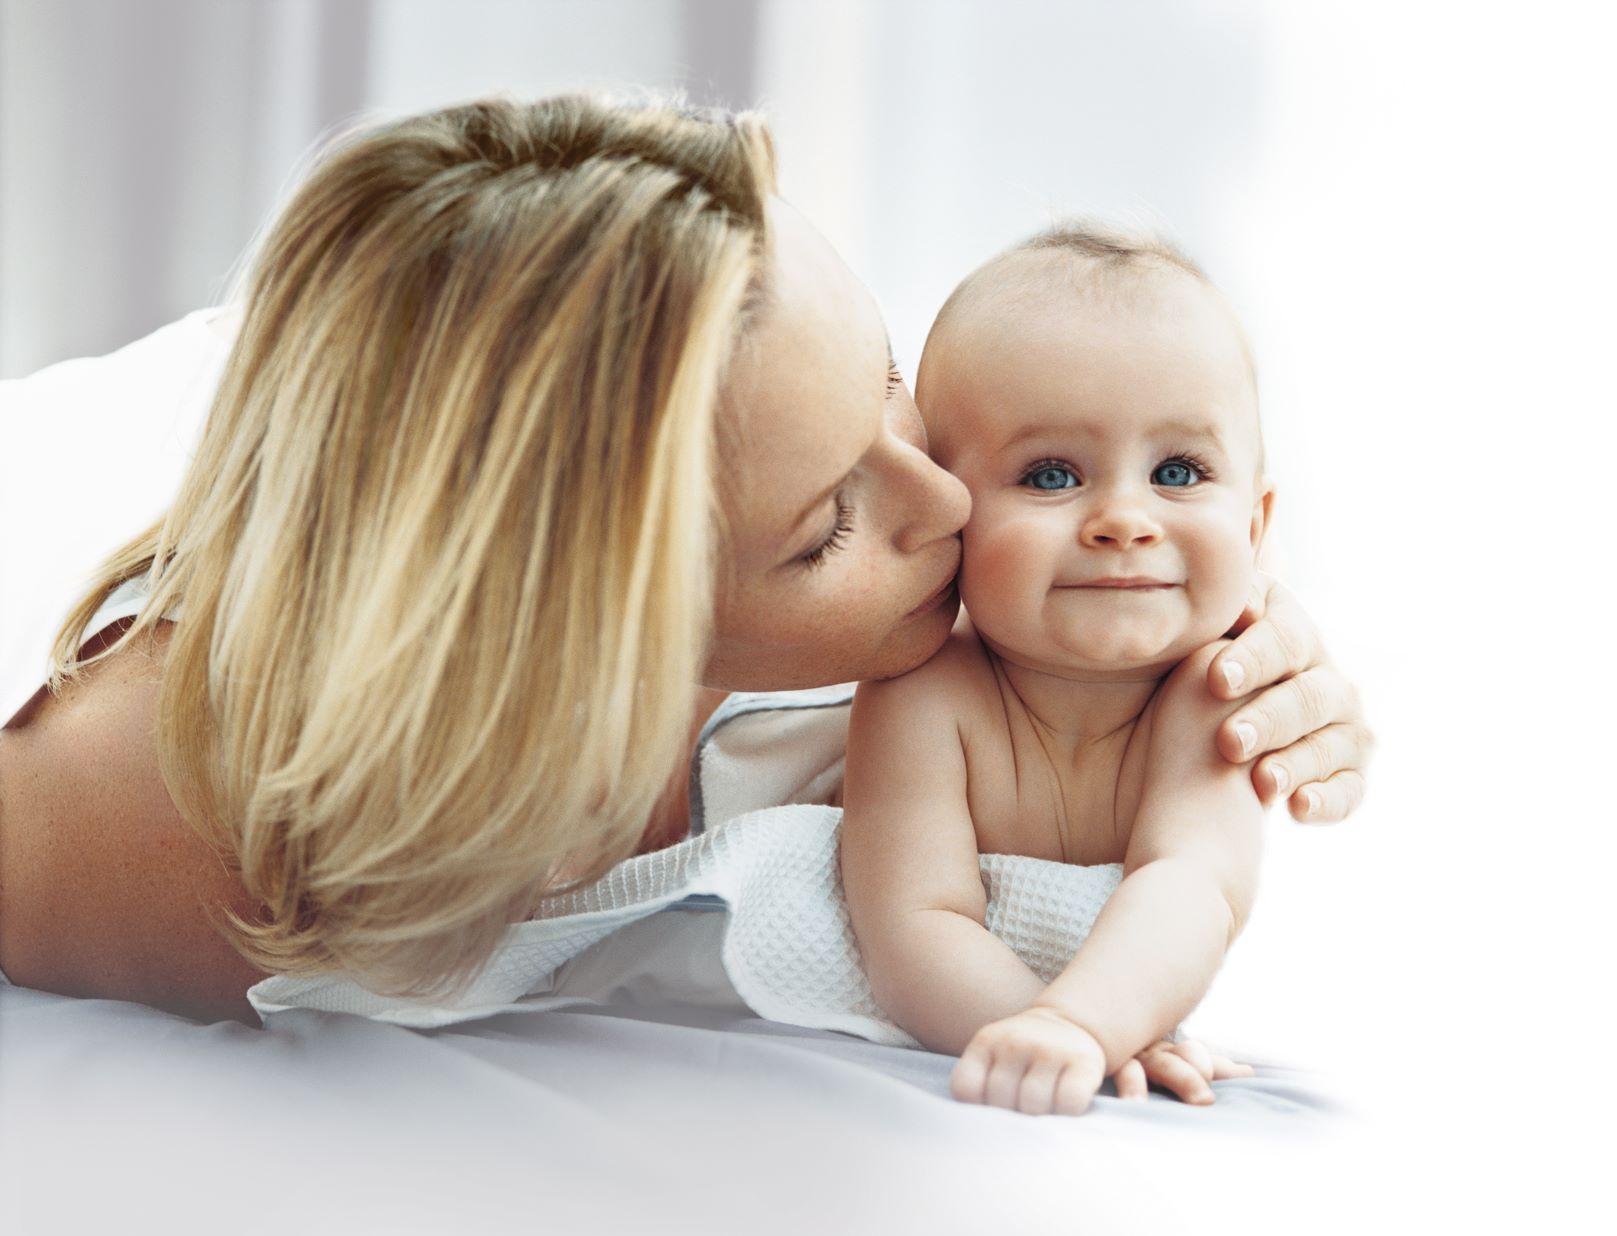 Jak chránit citlivou dětskou pokožku?